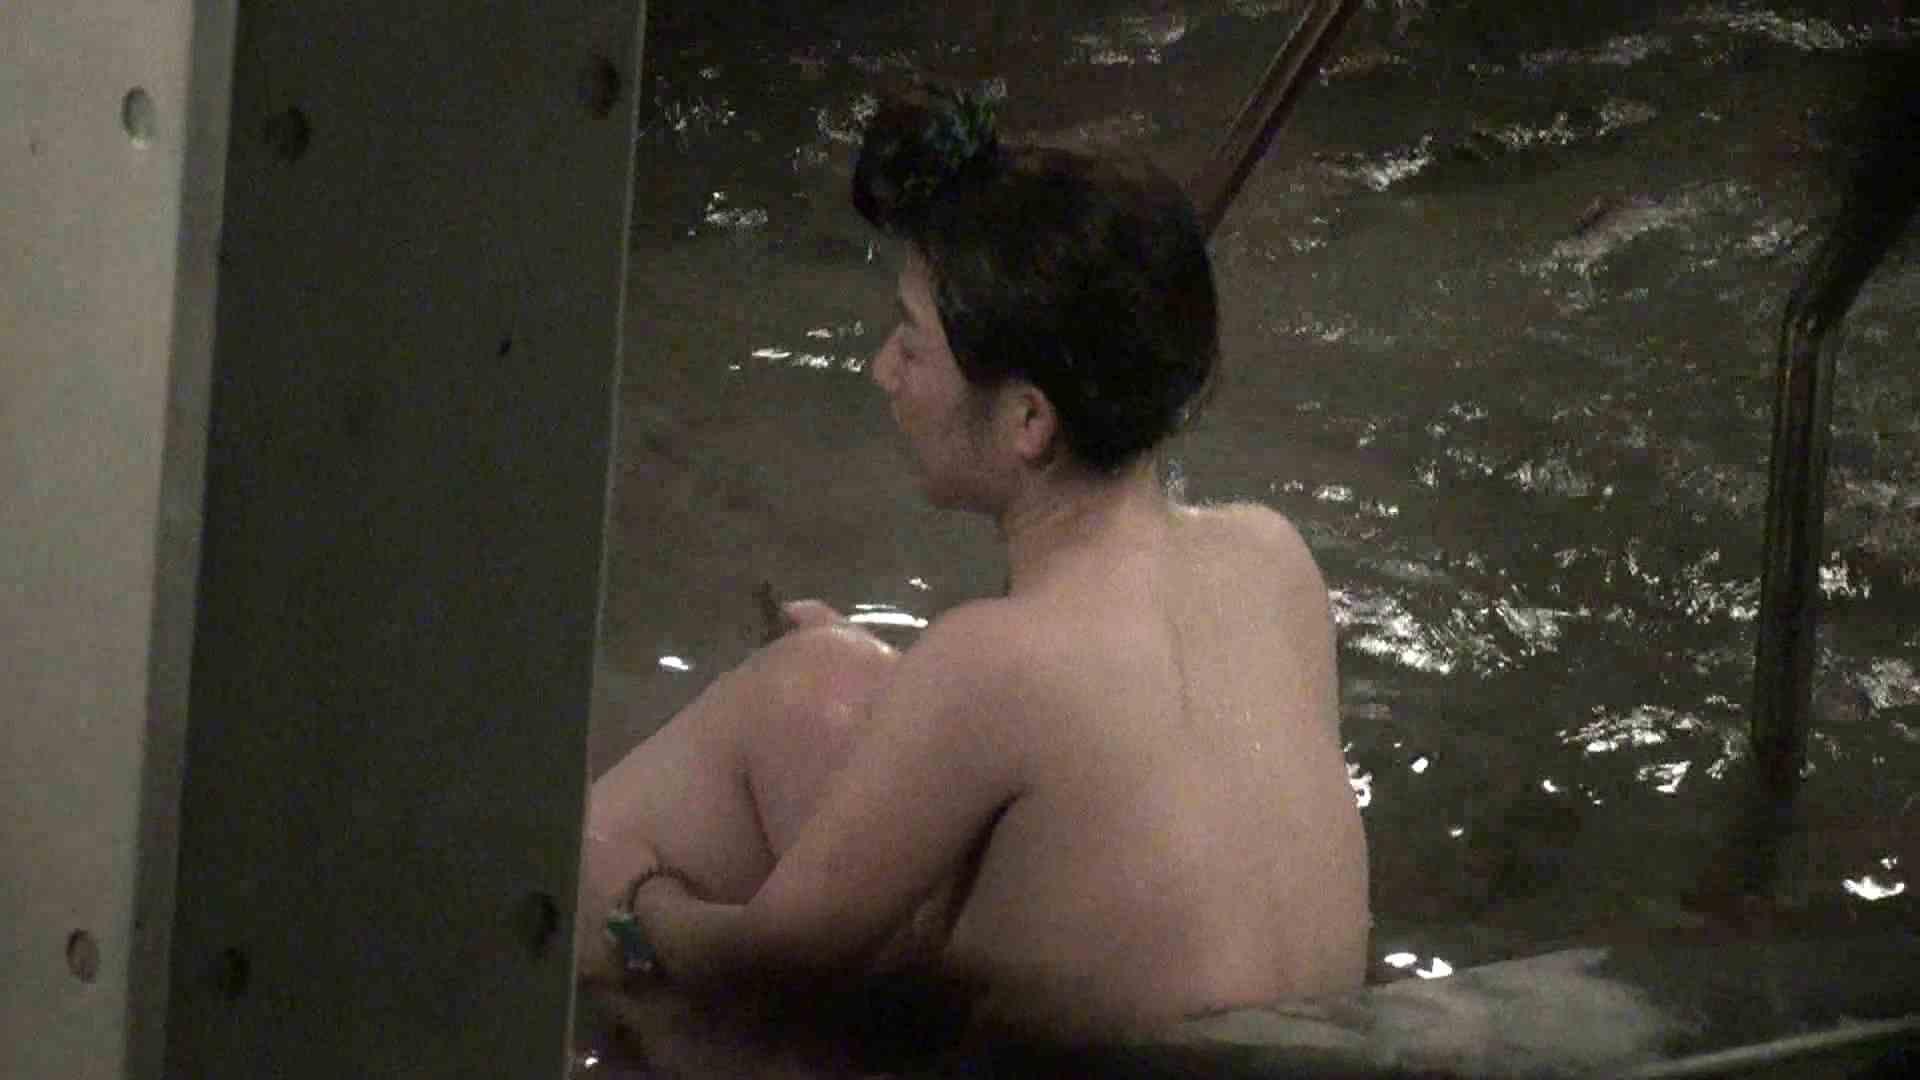 Aquaな露天風呂Vol.398 盗撮 | 露天風呂  59連発 34